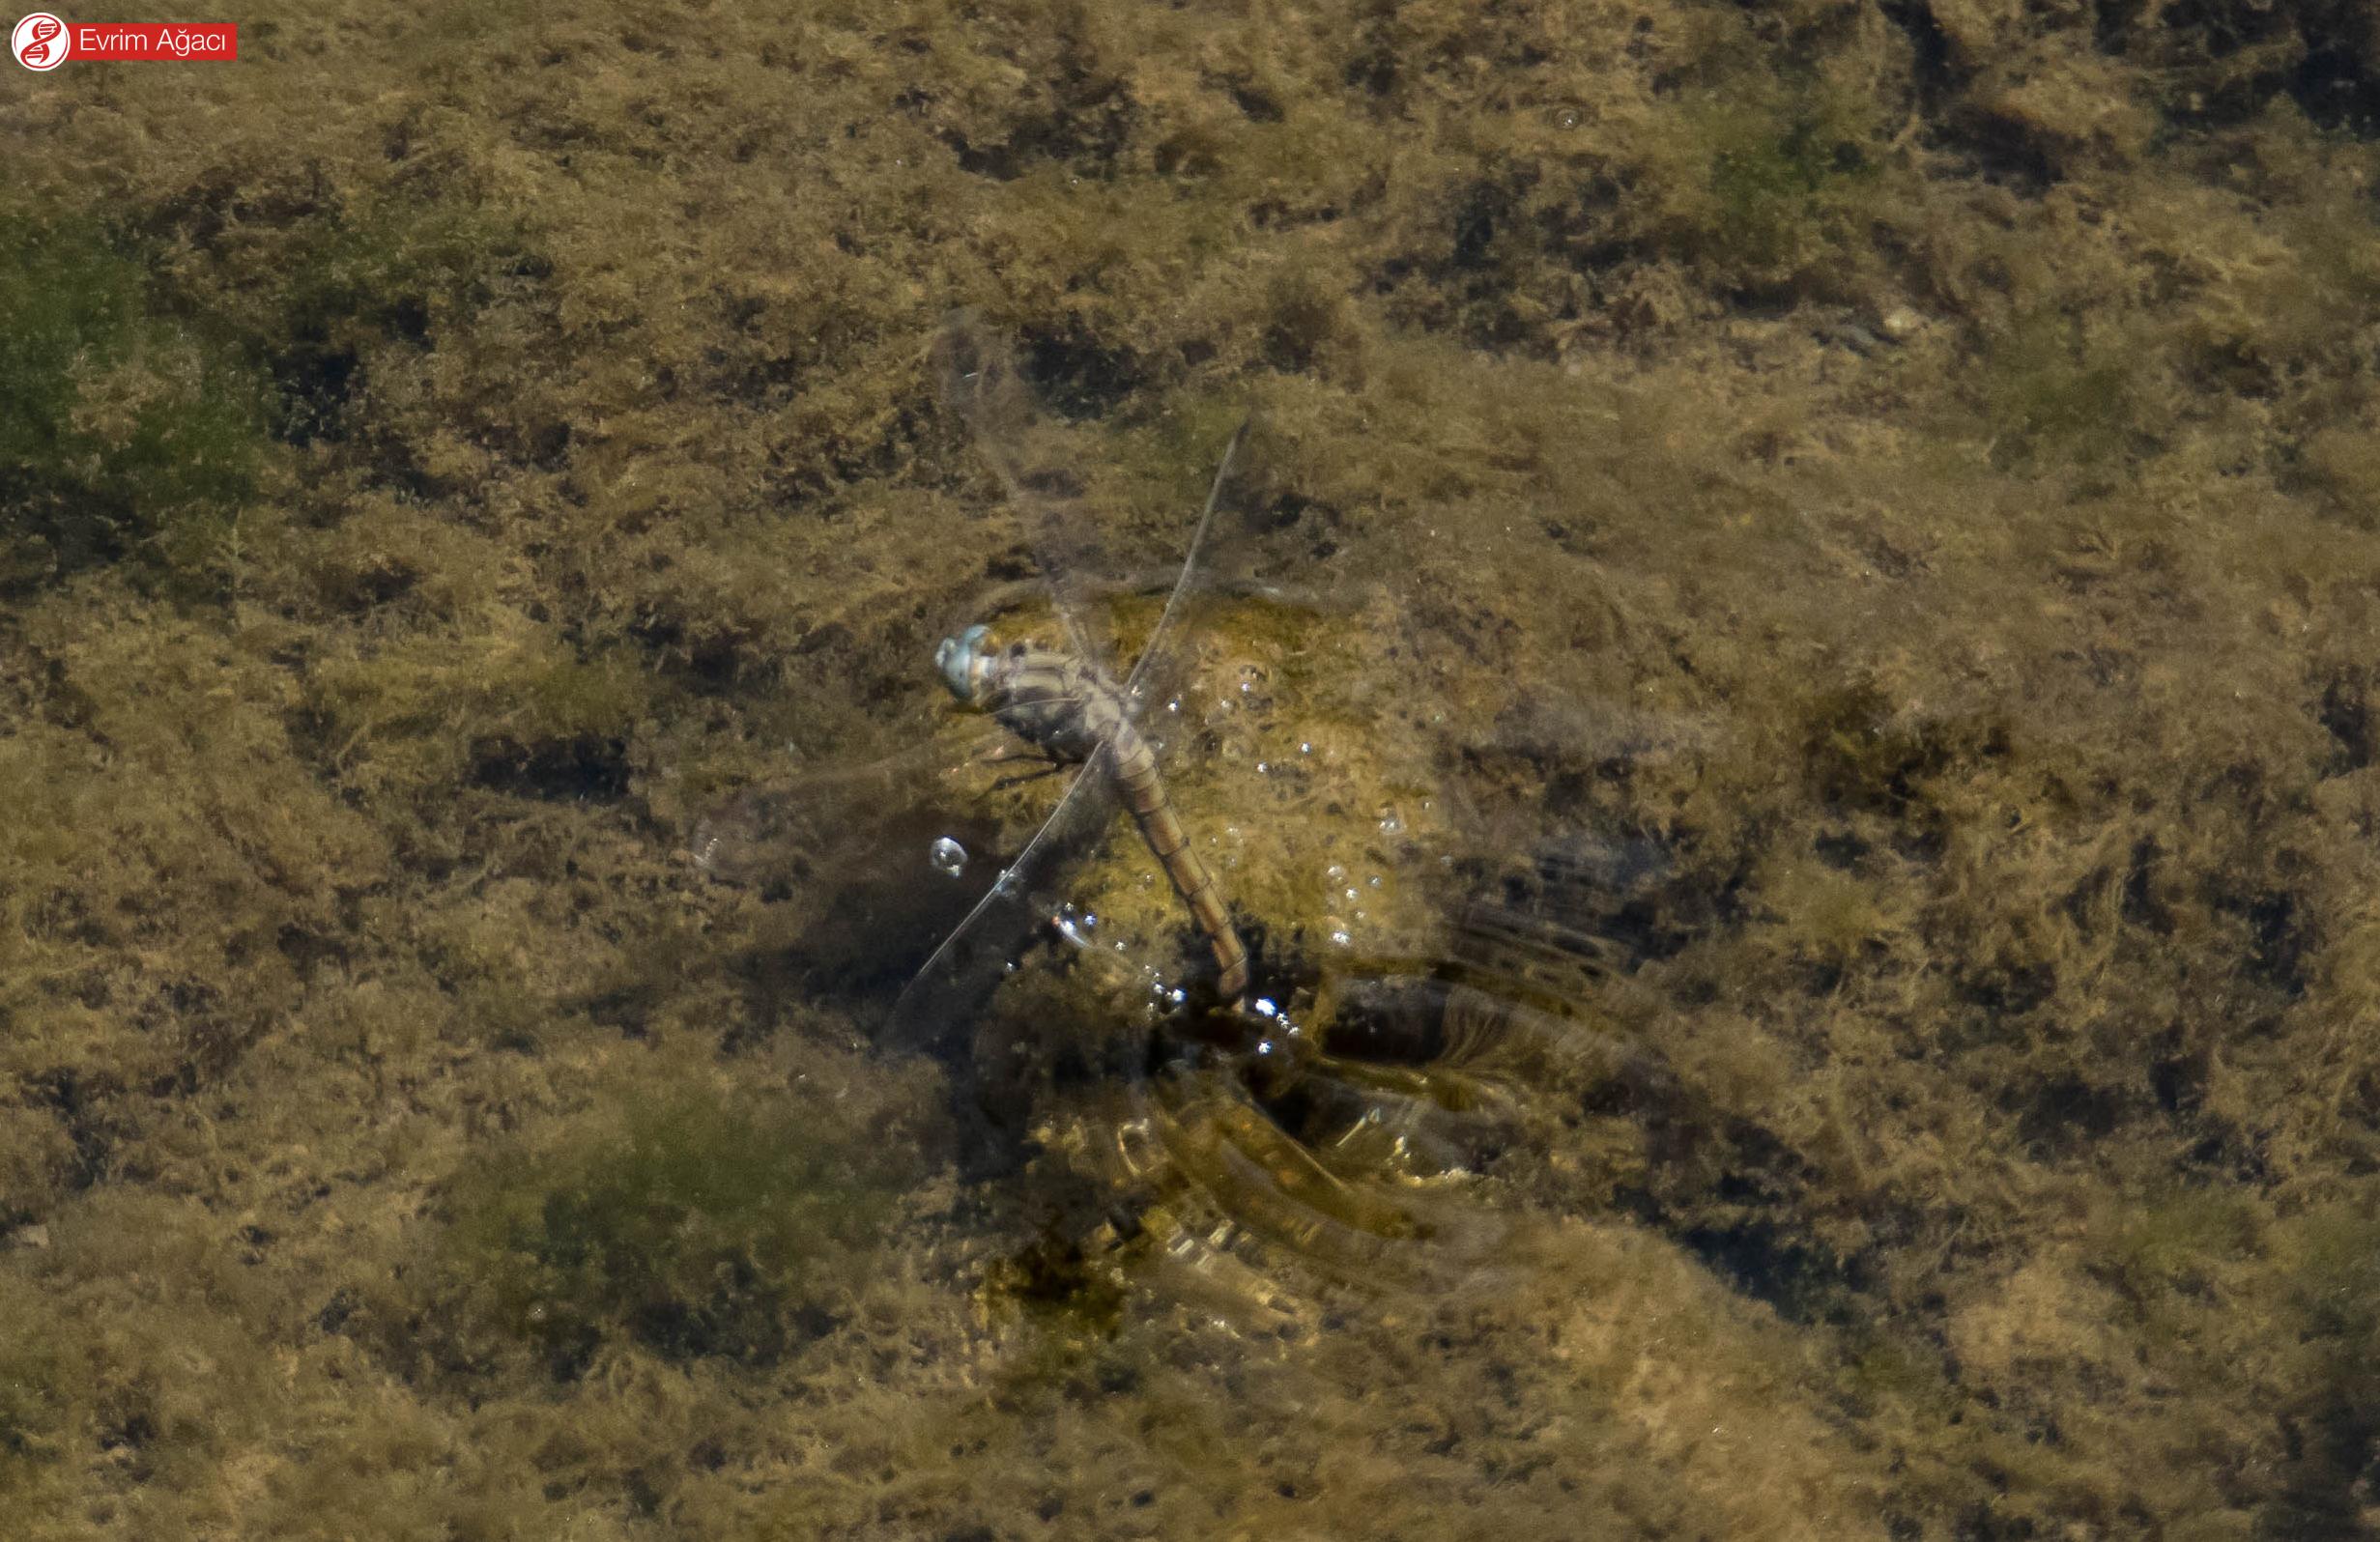 Karnını suya hızlı darbeler ile vurarak yumurtalarını bırakan bir yusufçuk türü.